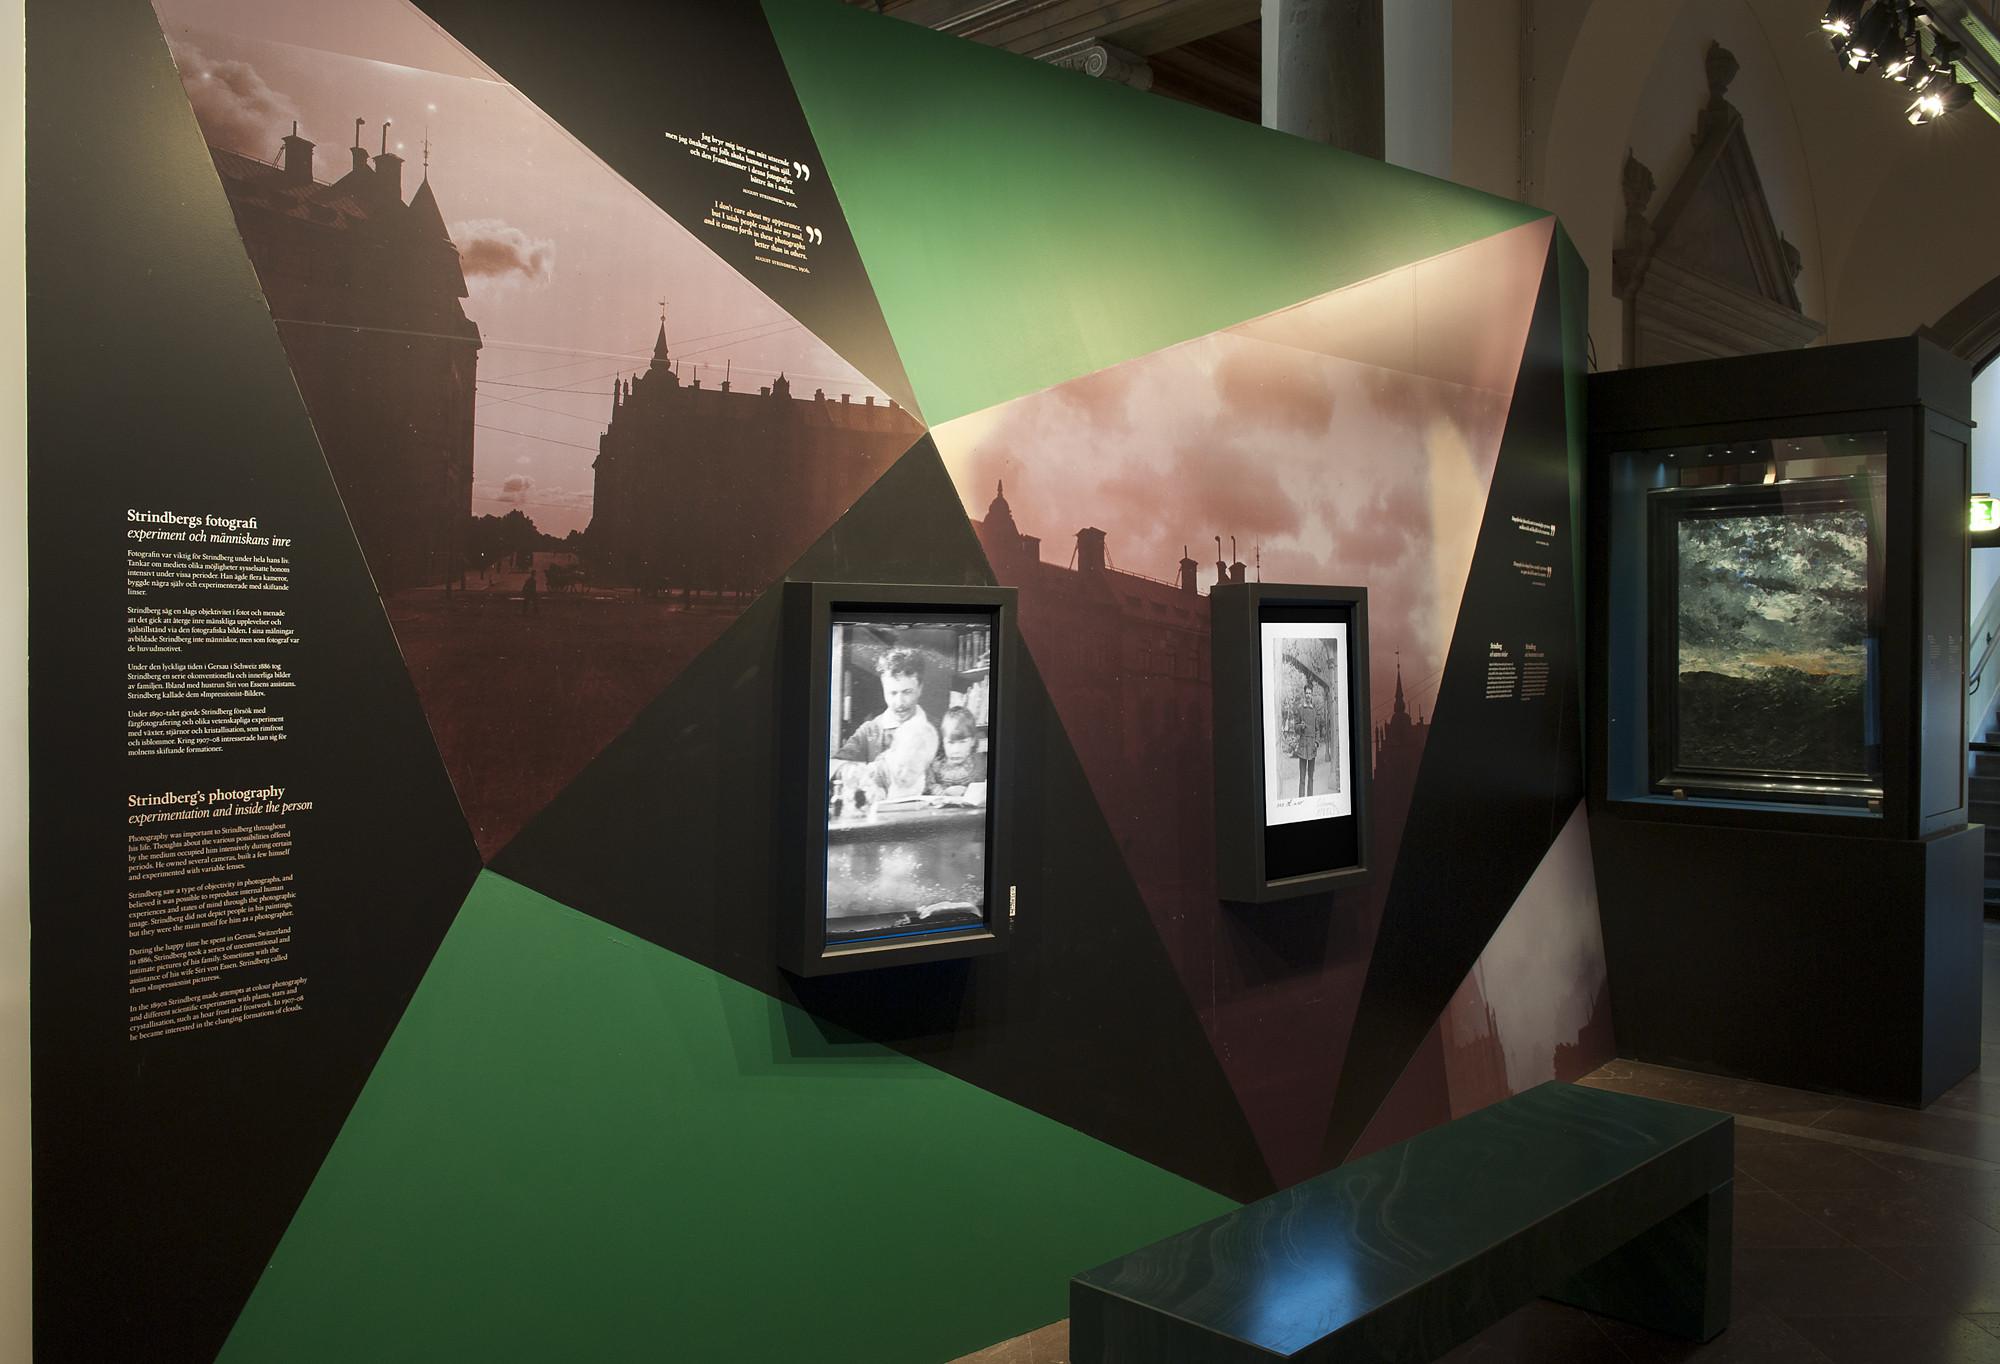 Utställningens avsnitt om fotografen Strindberg.